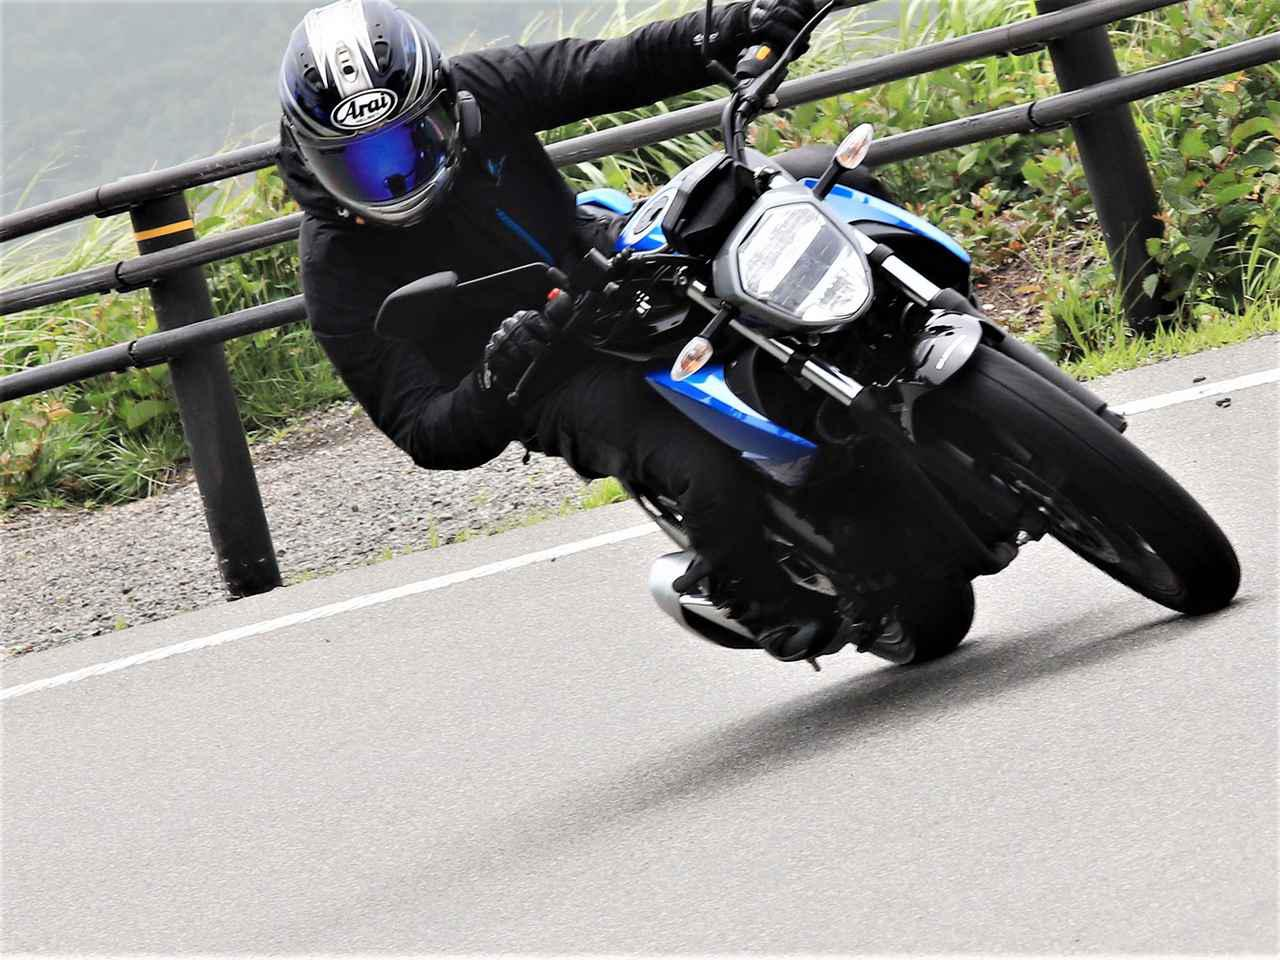 画像: 勝負あったか!? 燃費に悪い標高2172mの峠に150ccバイク『ジクサー150』で挑む! - スズキのバイク!